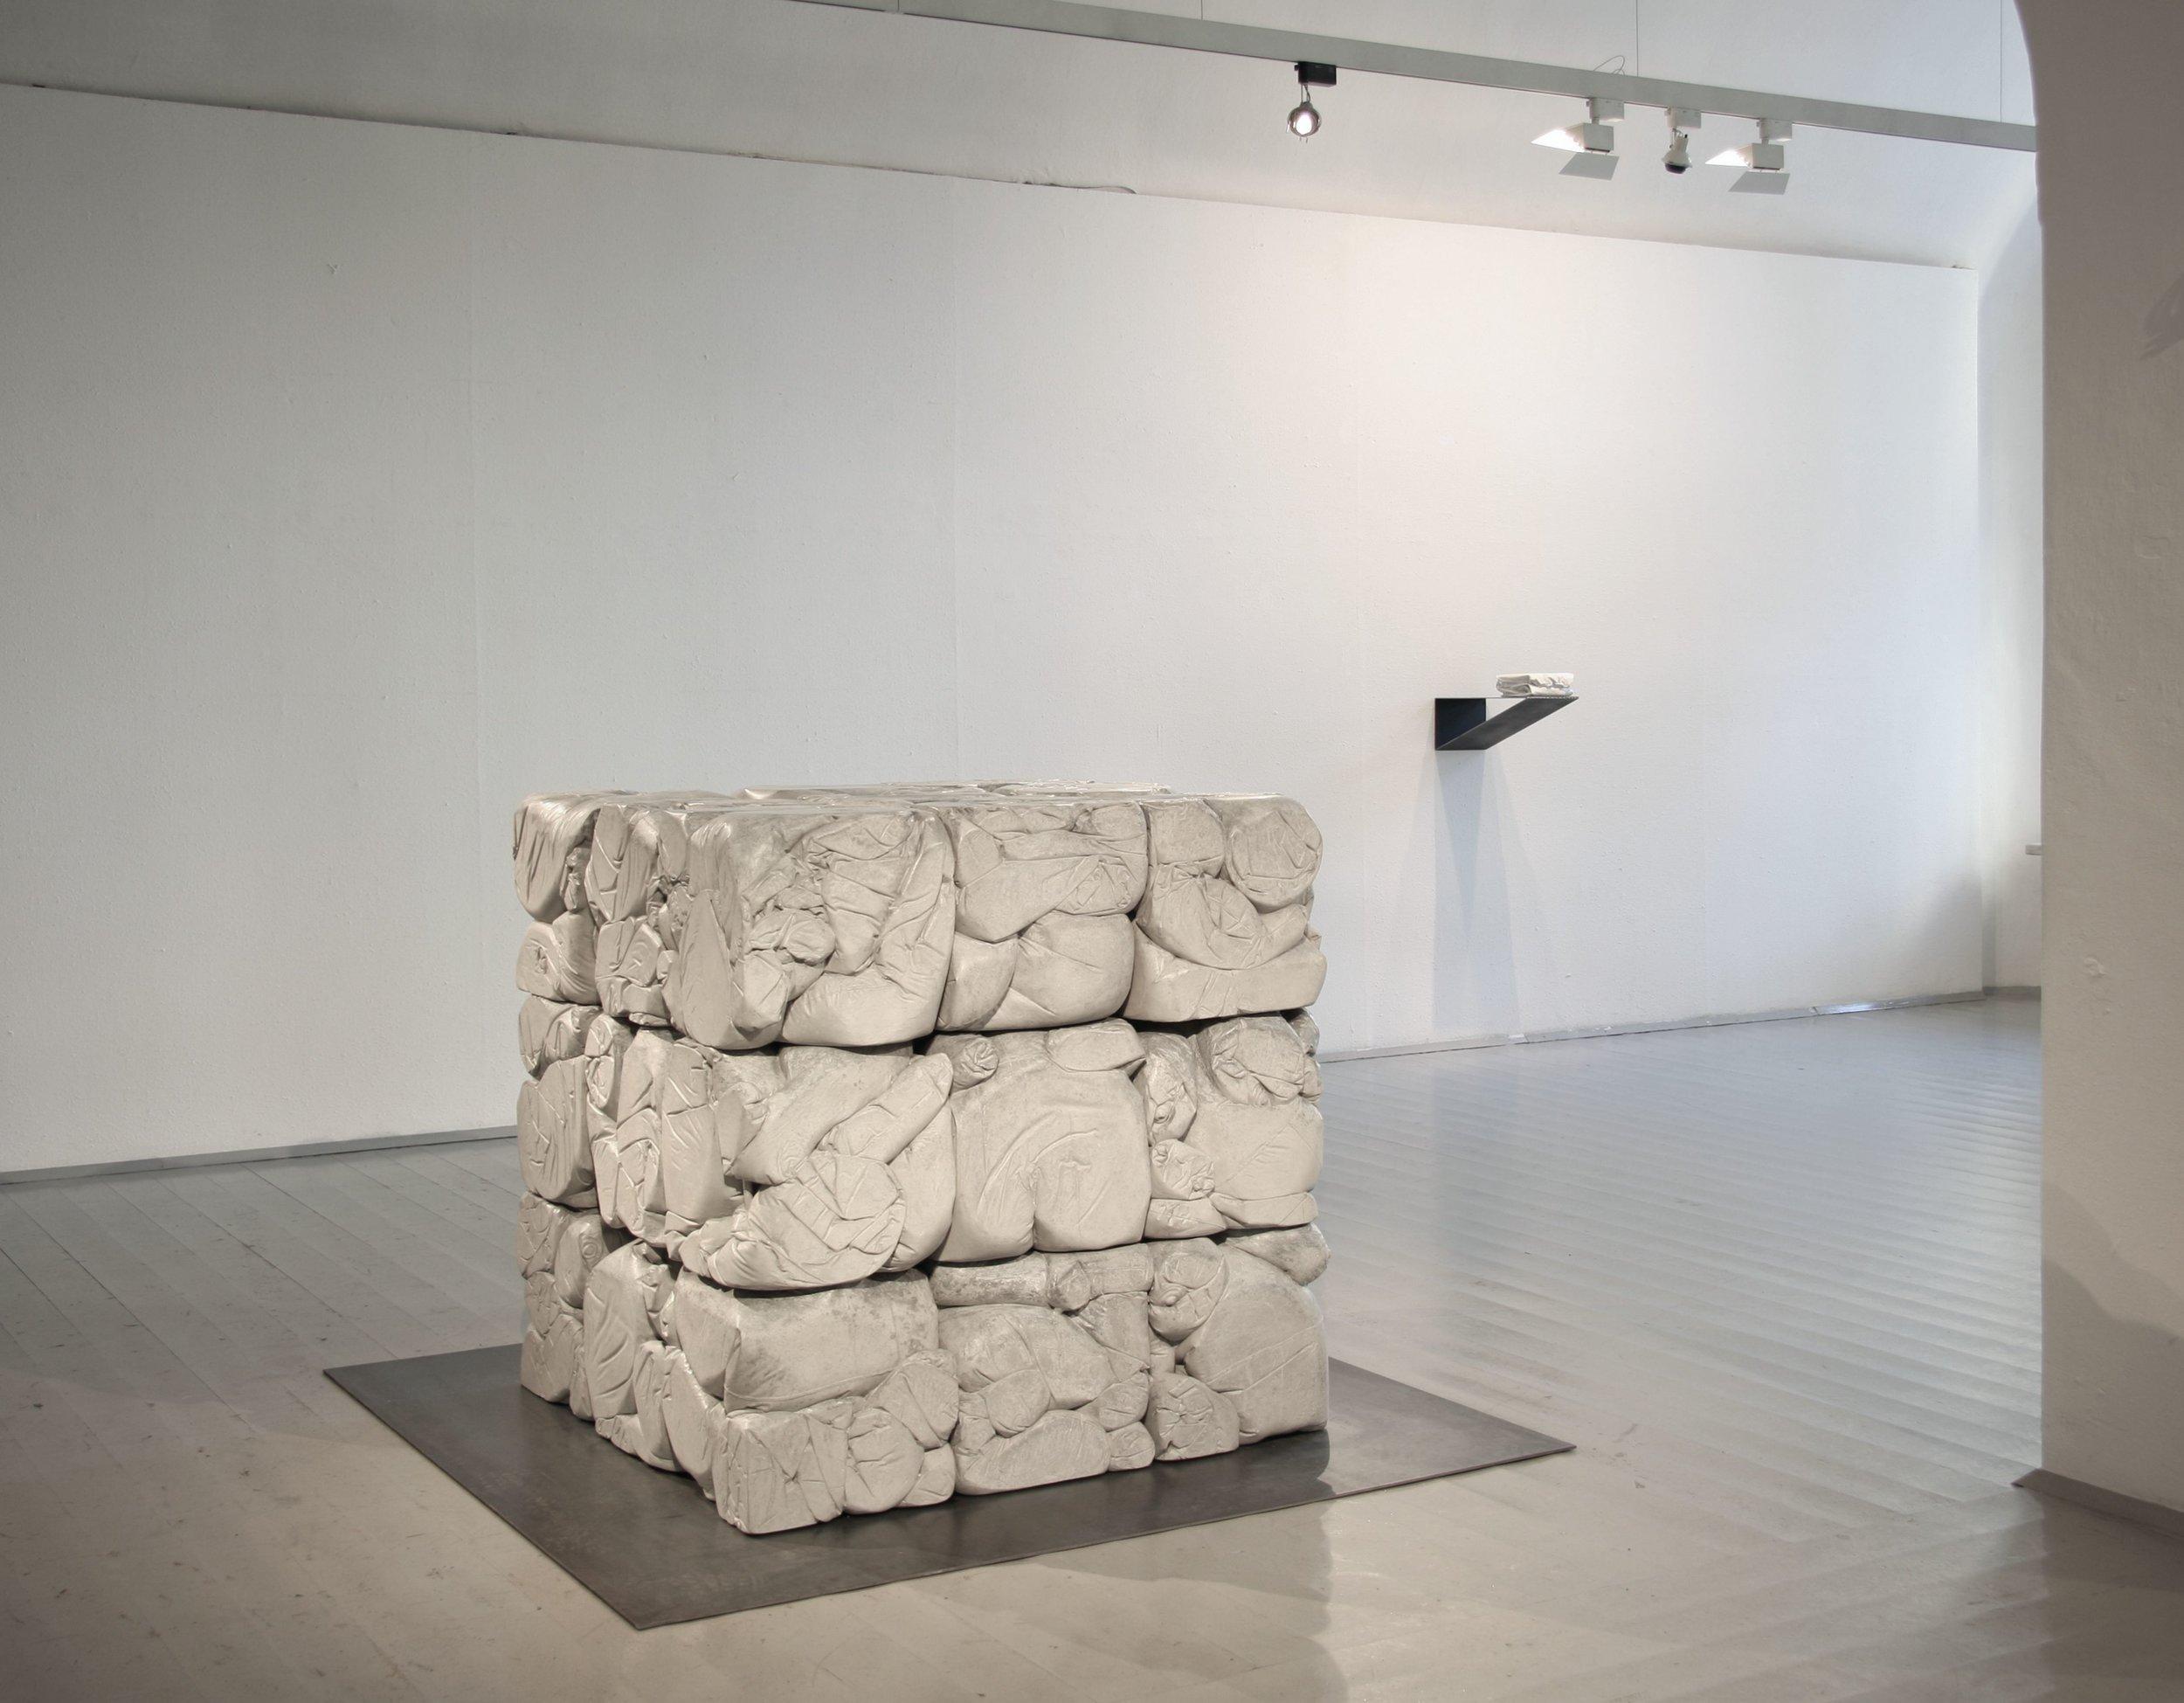 2012 Stationär. Galerie Prisma, Bozen